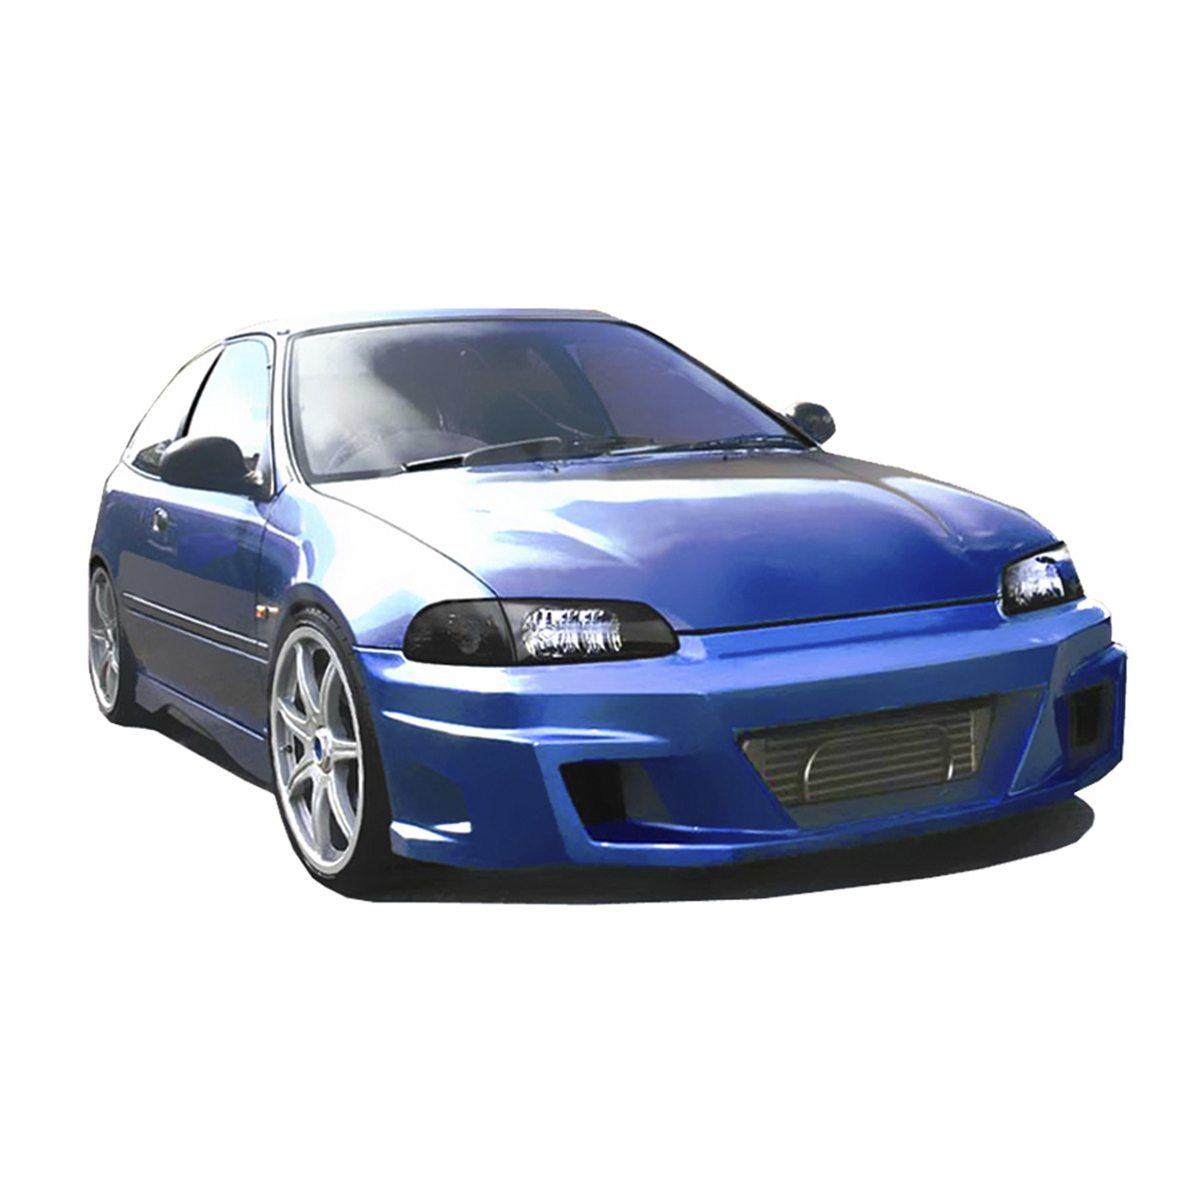 Honda-Civic-92-Hatchback-Demolidor-Frt-PCA212